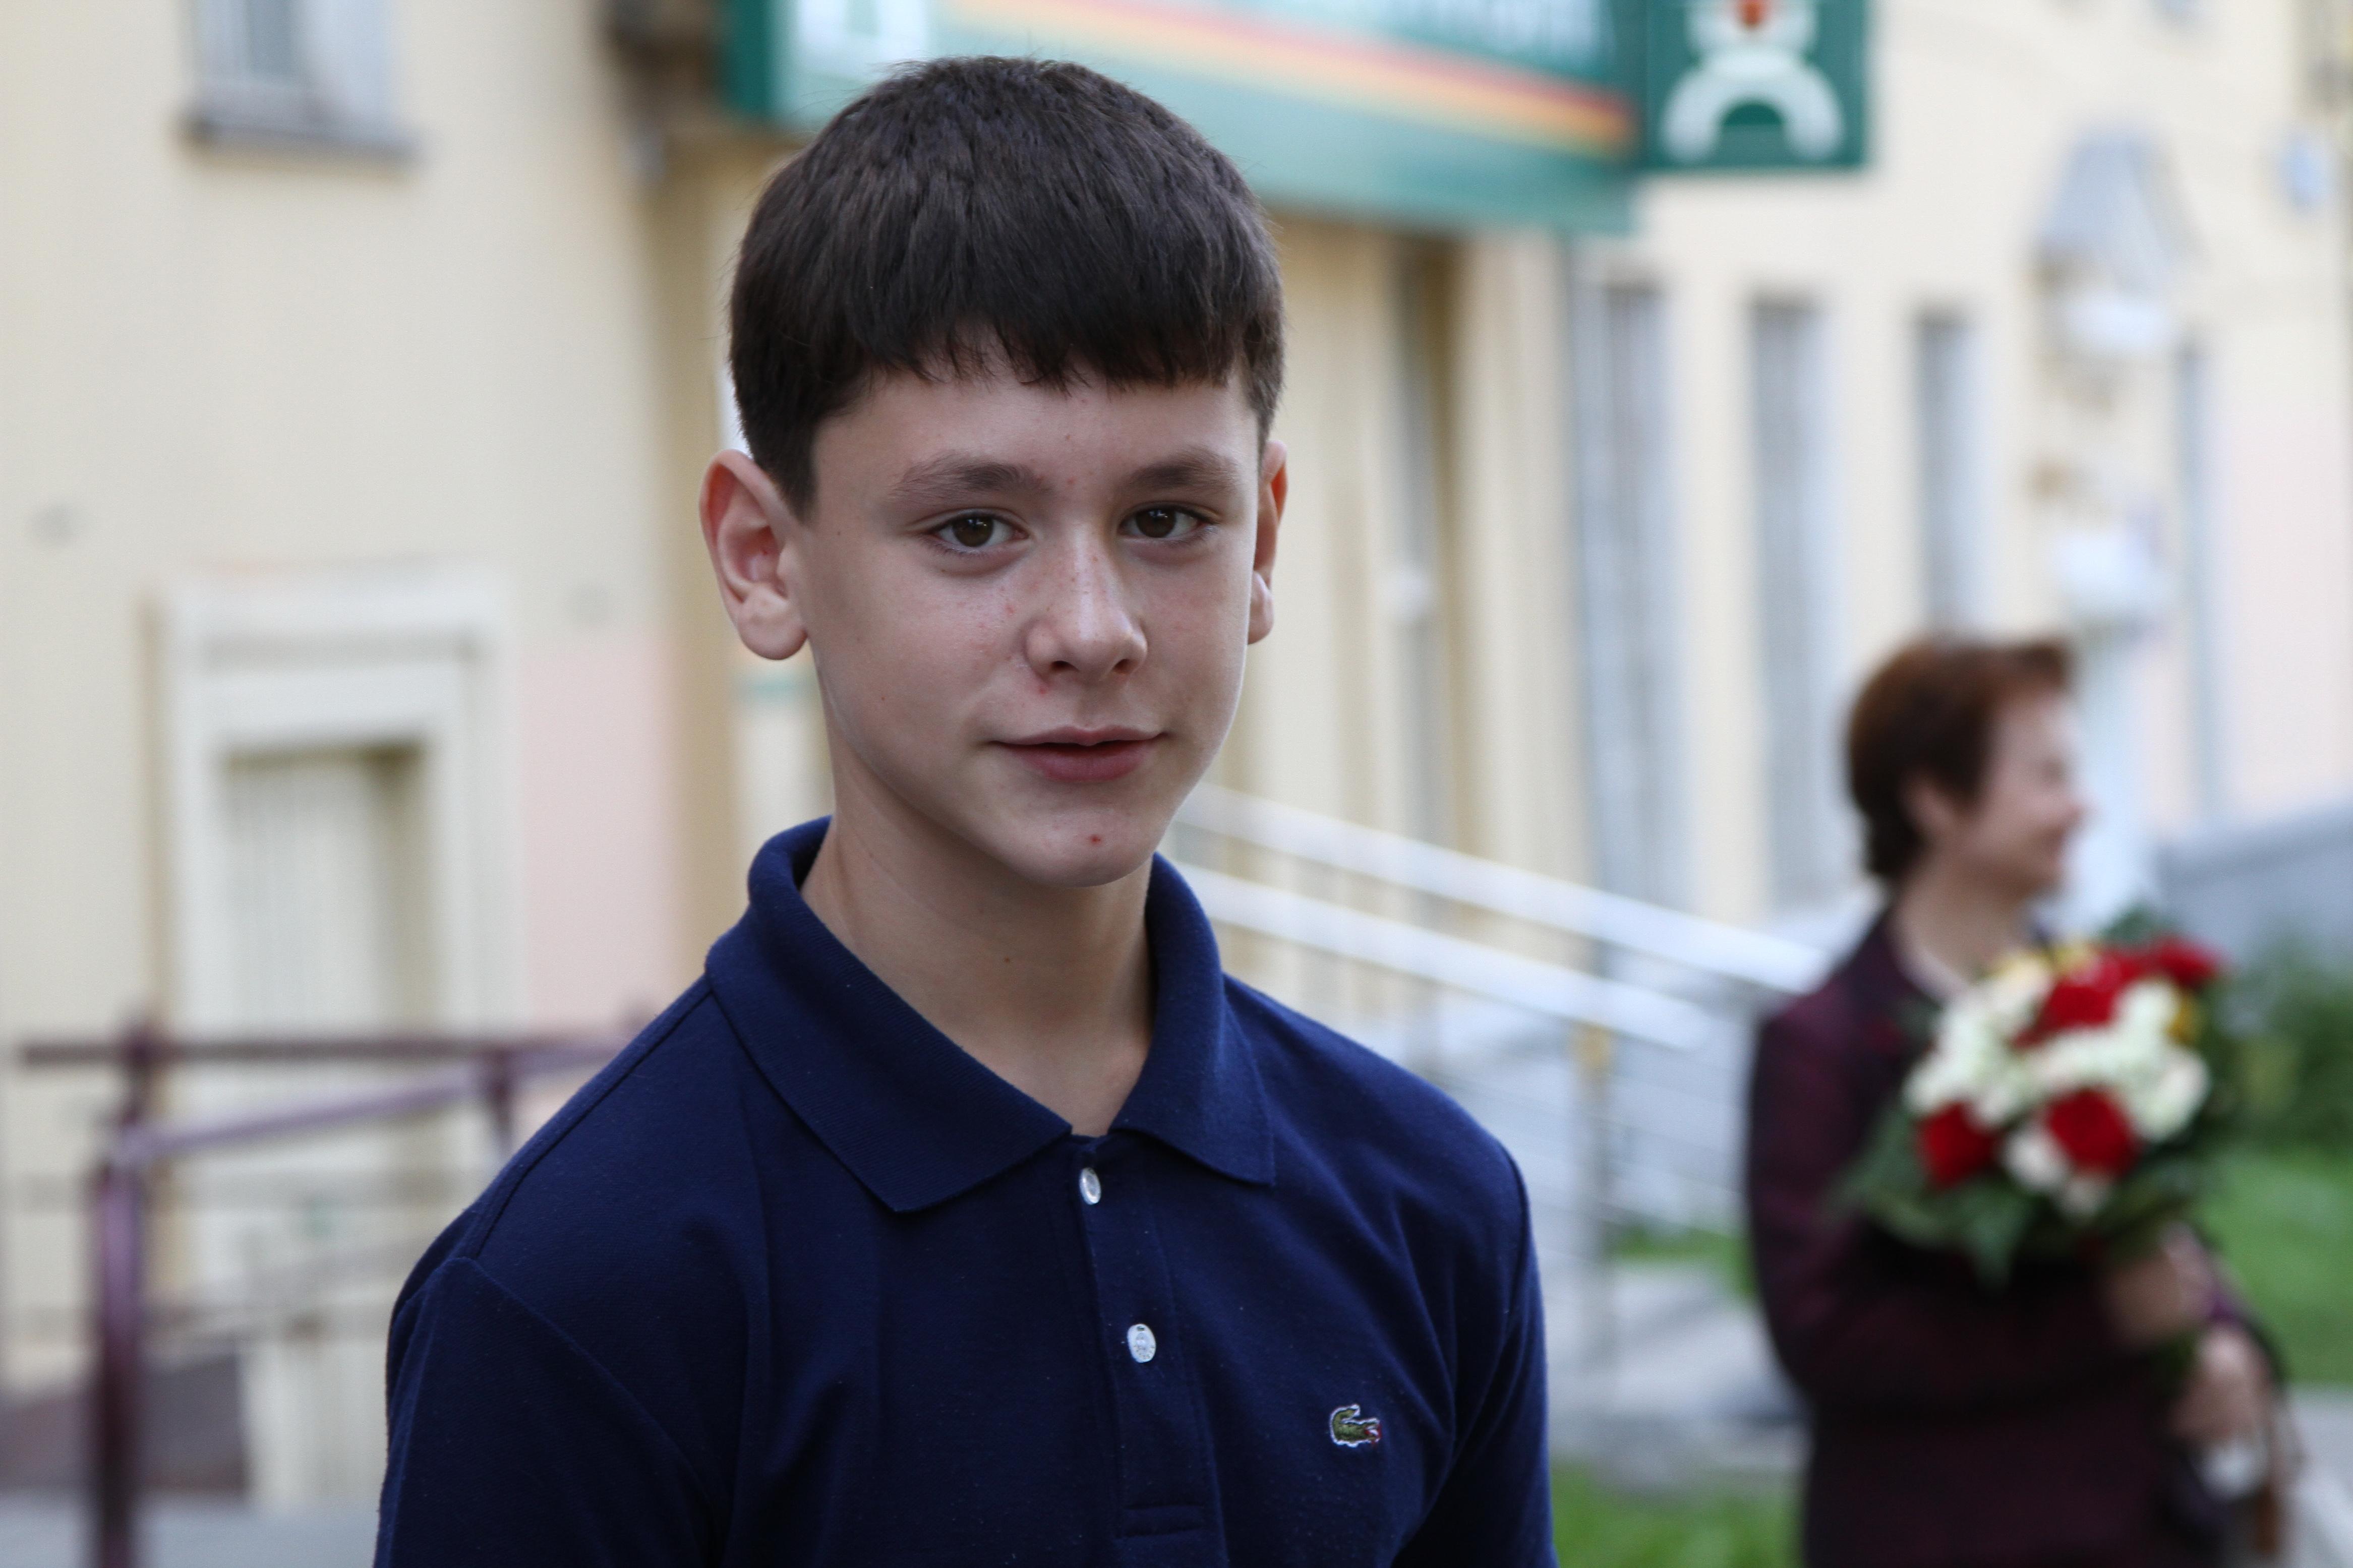 Обычный герой: три спасенные жизни в 14 лет